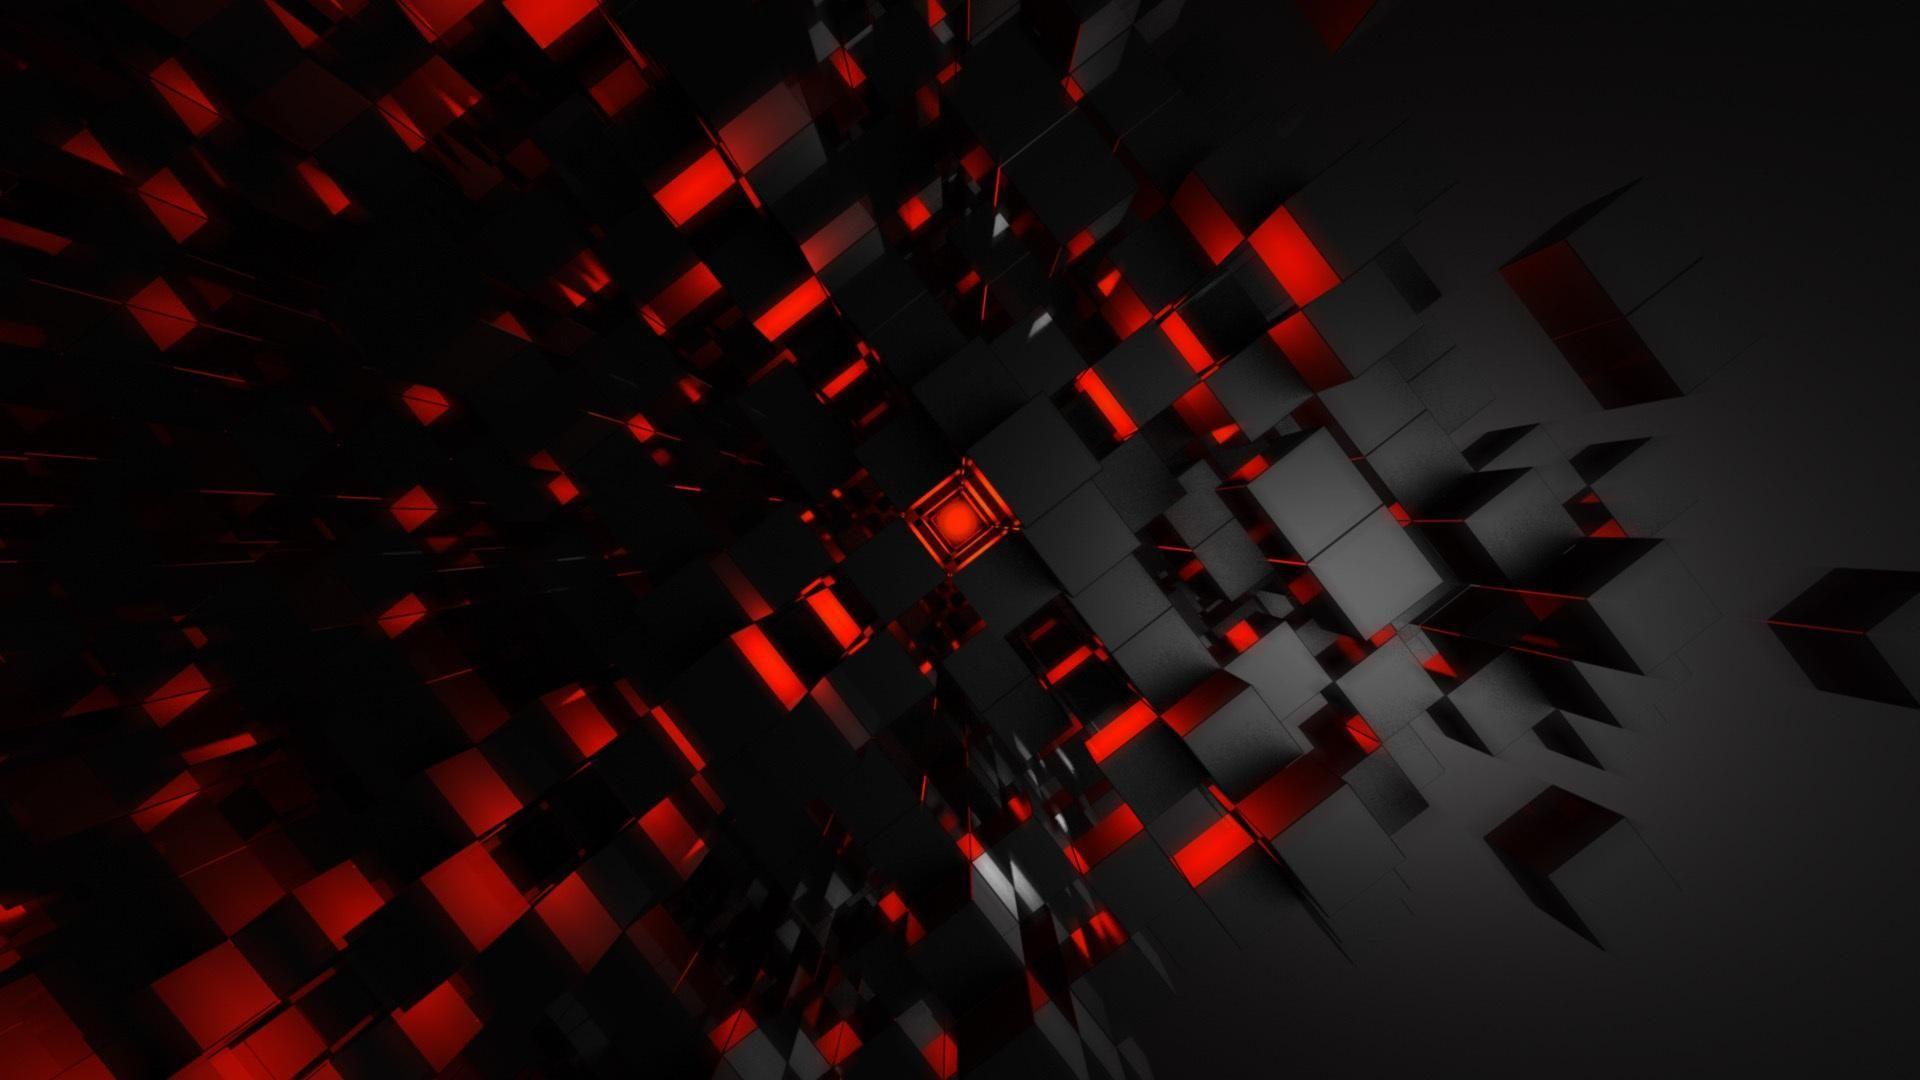 Red Tech Wallpaper Free V6p9f Jpg 1920 1080 Wallpaper Merah Wallpaper Abstrak Wallpaper Neon